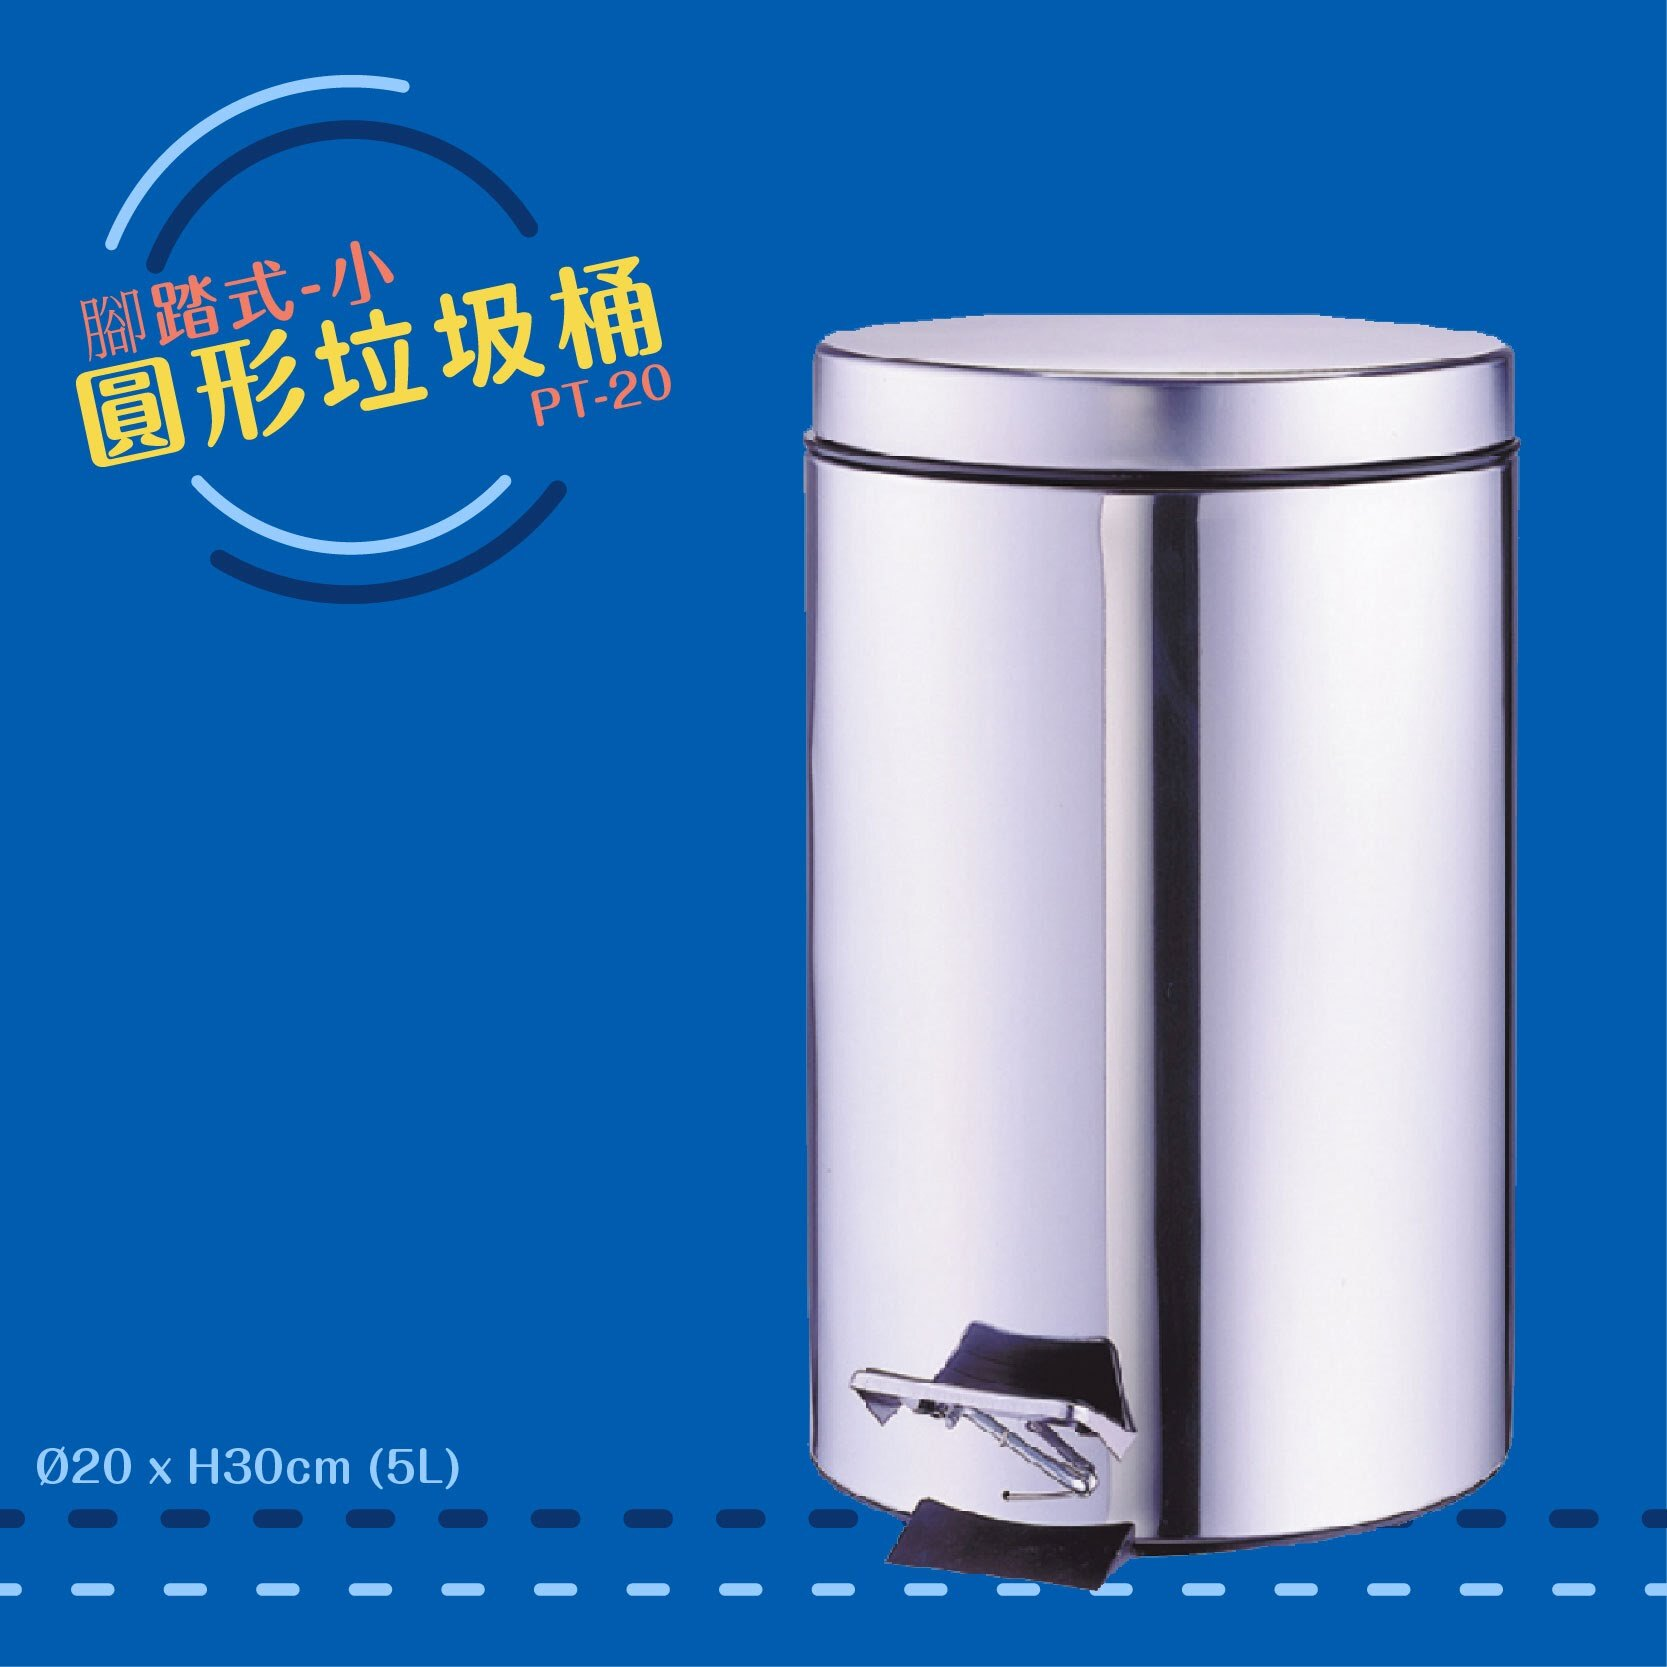 公共清潔➤PT-20 圓形垃圾桶-小(腳踏式) 不鏽鋼 附塑膠內桶 垃圾桶 垃圾筒 分類桶 回收箱 資源回收桶 百貨社區